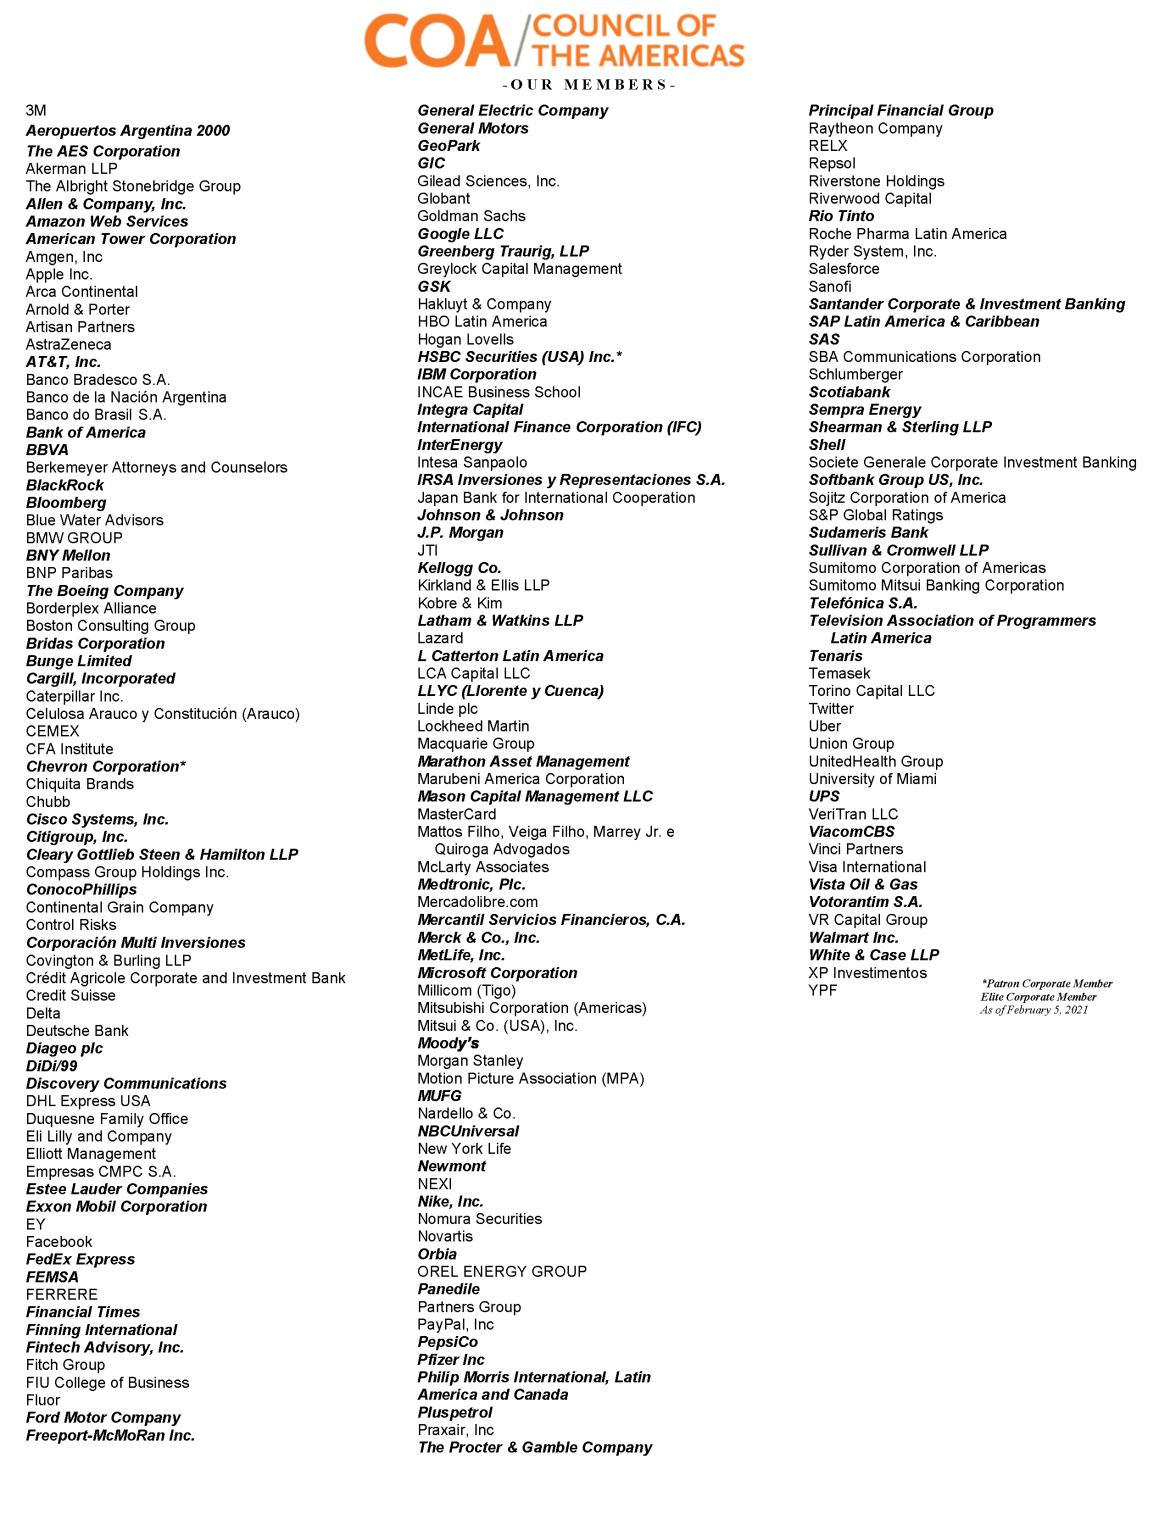 Council of the Americas ASCOA-Mitgliedsunternehmen